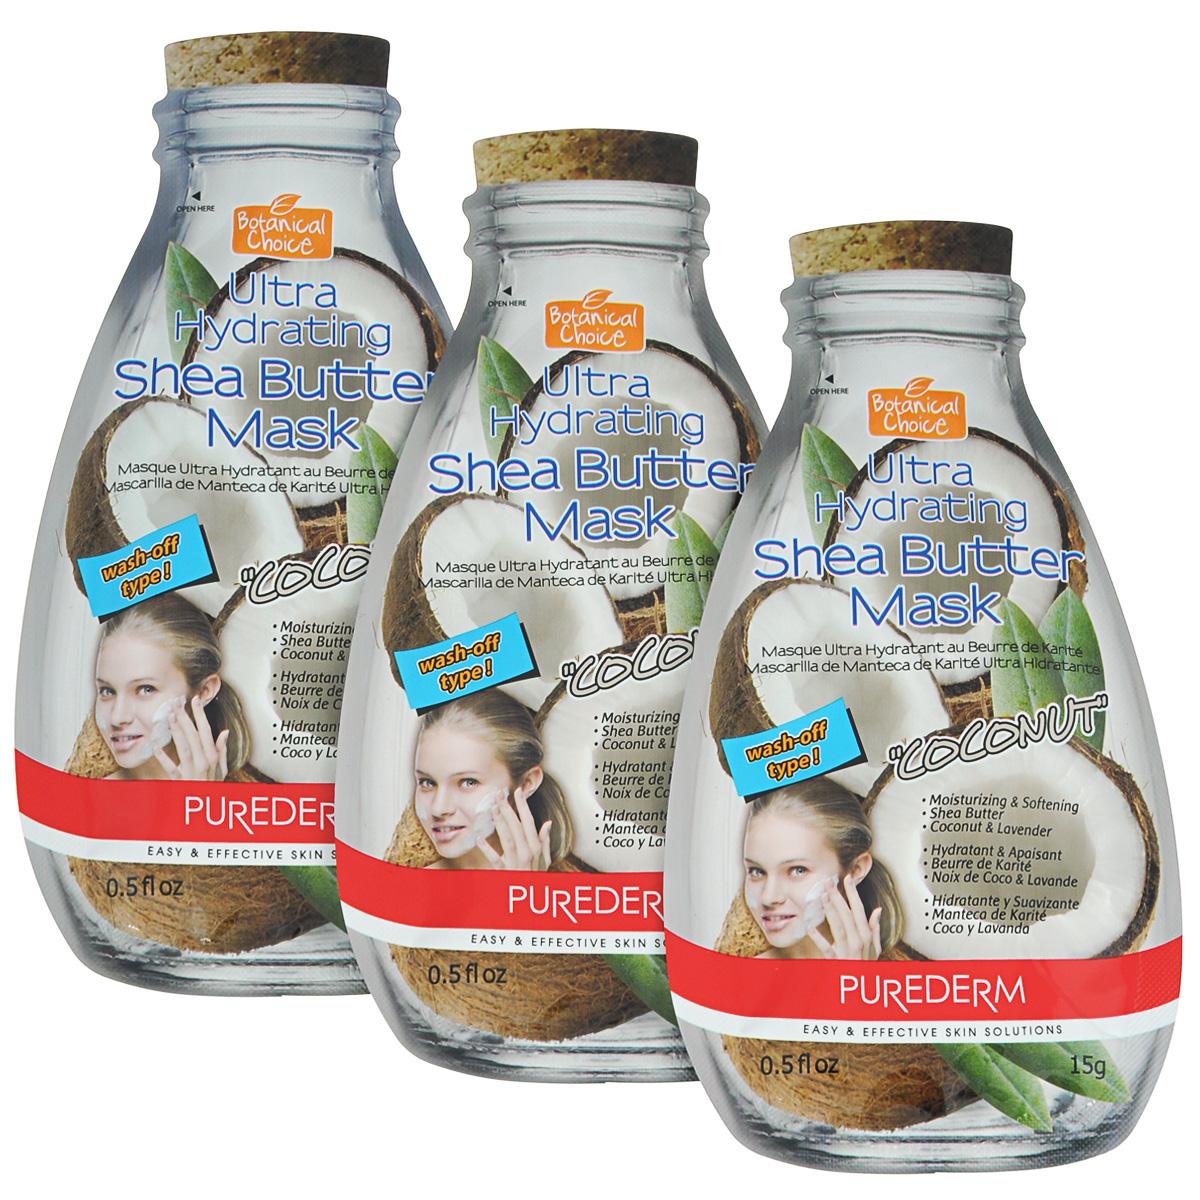 Purederm Ультра-увлажняющая маска для лица с маслом Ши Кокос, 3х15 г.72523WDCредство для интенсивного ухода, содержащее ароматную вытяжку Кокосового Ореха в сочетании с ценным маслом Ши и другими природными смягчающими компонентами (Лаванда, Бергамот) смягчает огрубевшую кожу, помогает восполнить необходимый запас влаги, питает и придает коже сияющий вид.